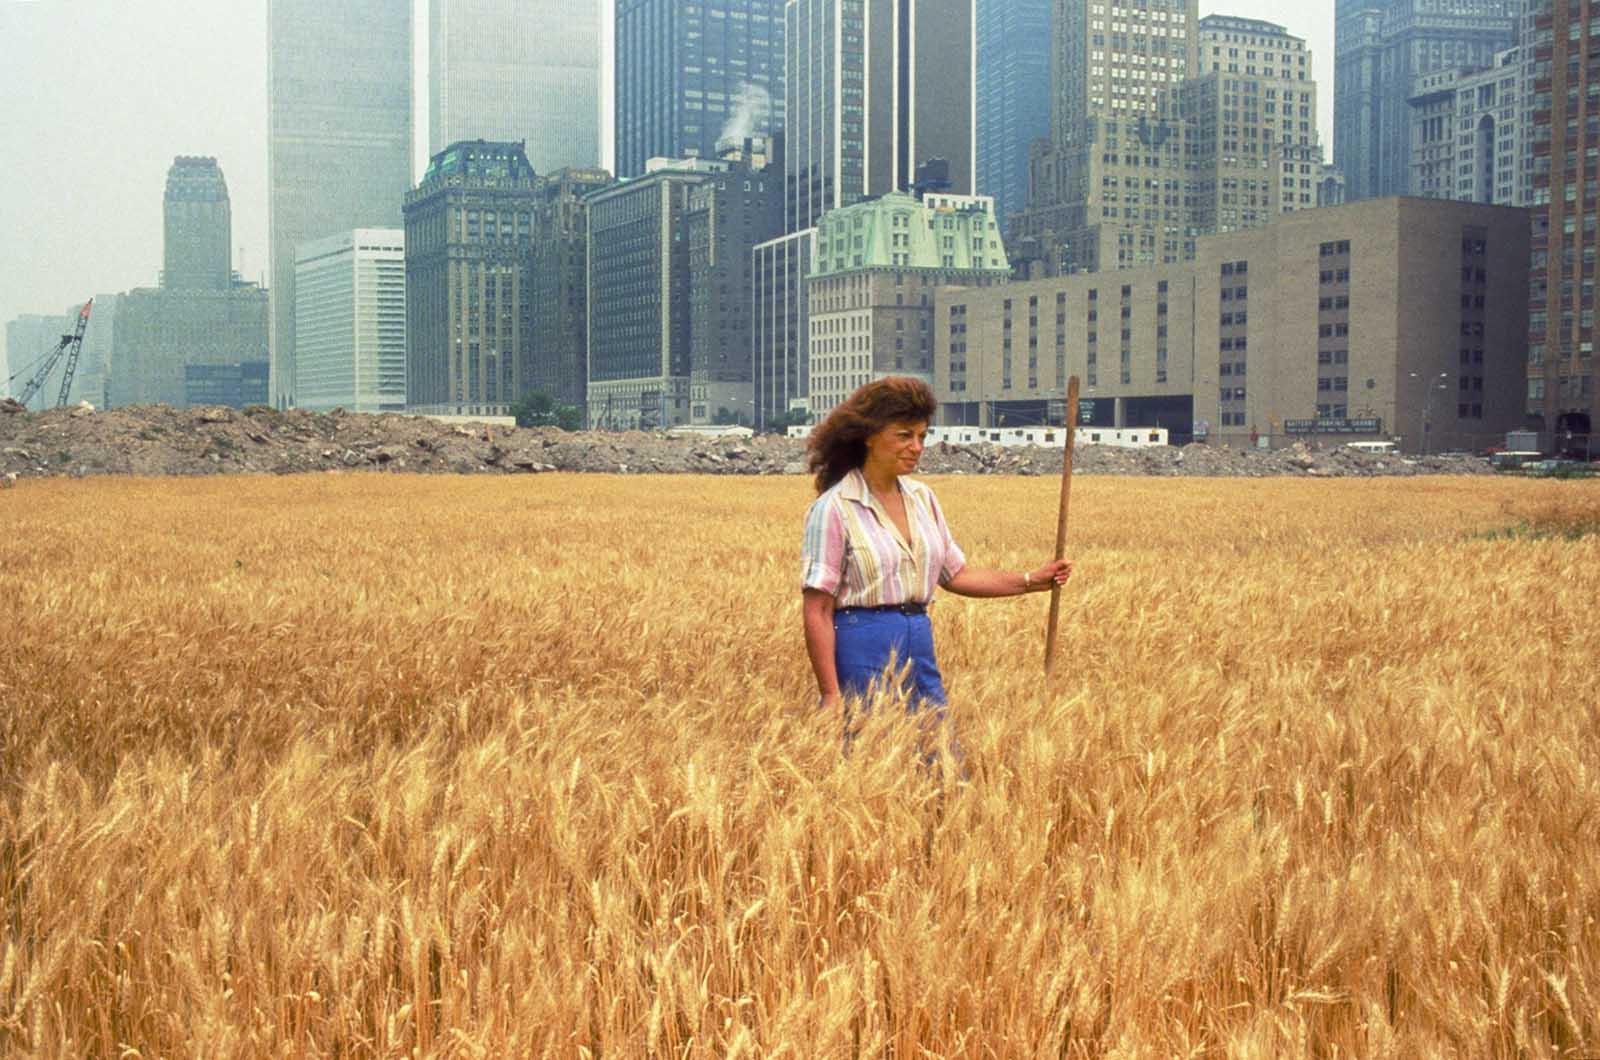 En 1982, Agnes Denes cultivó, creció y cosechó un campo de trigo de dos acres en el centro de Manhattan.